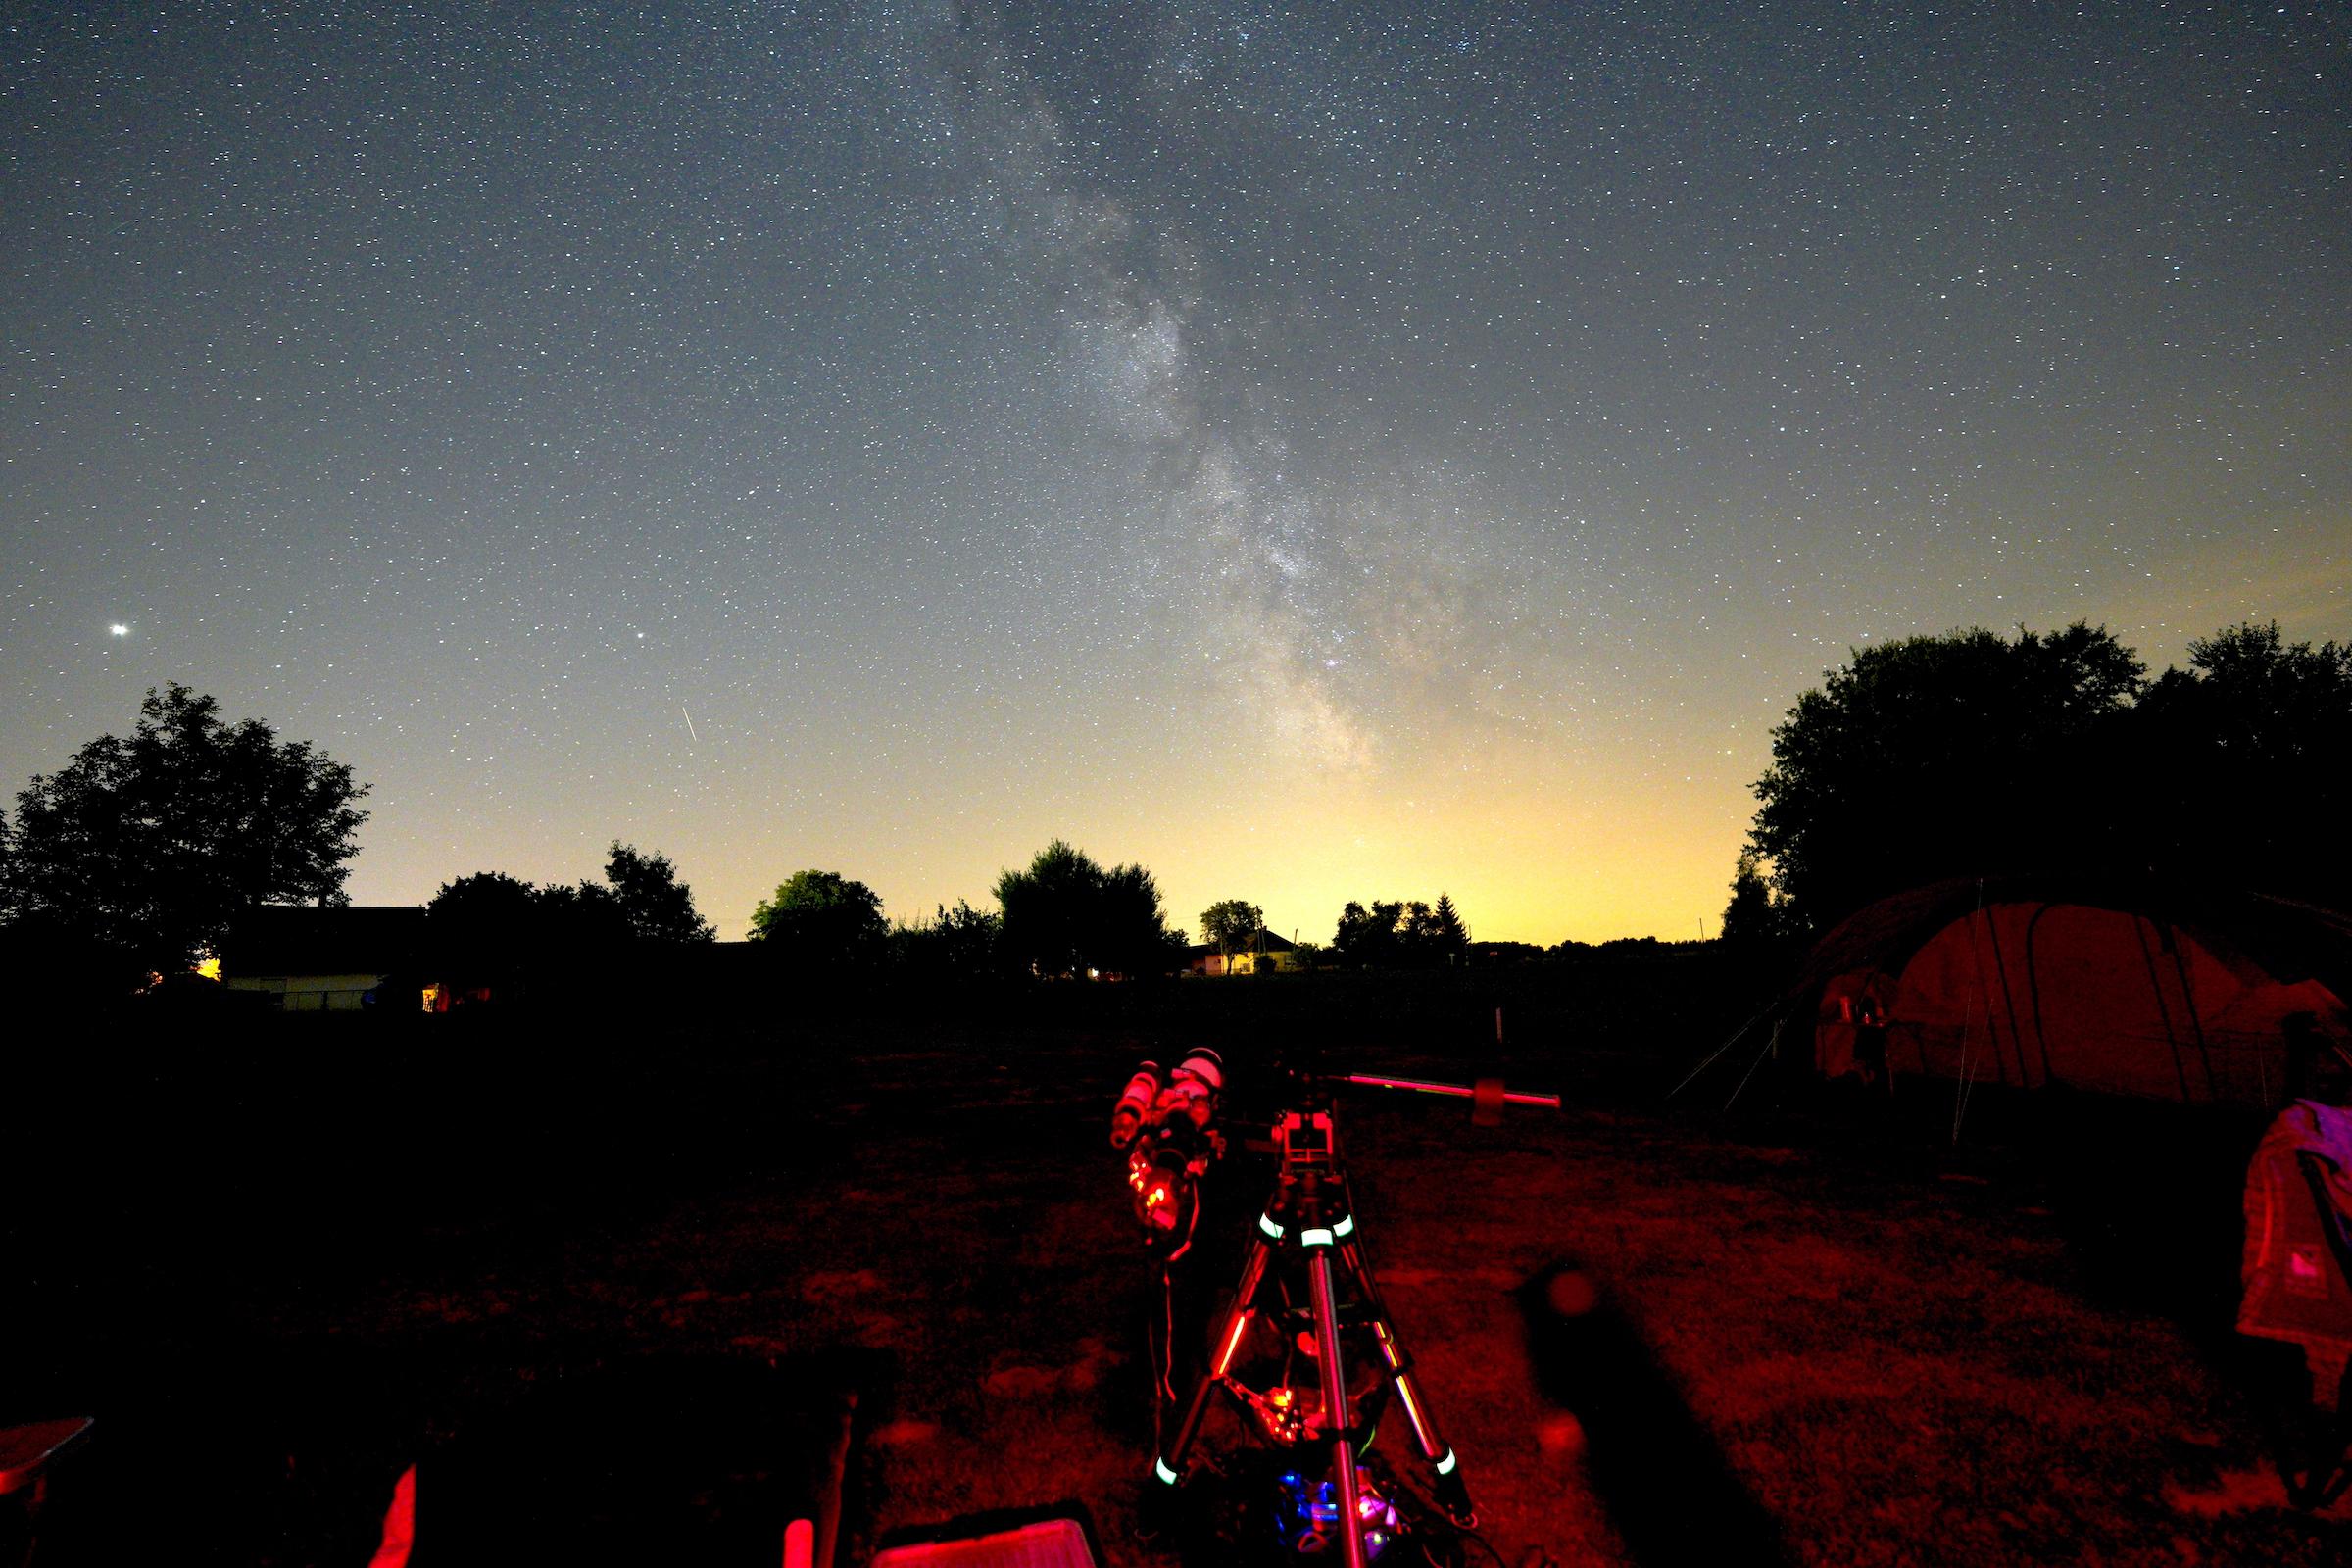 Tejút központi vidéke (Lagúna-köd fényképezés teleszkóppal).